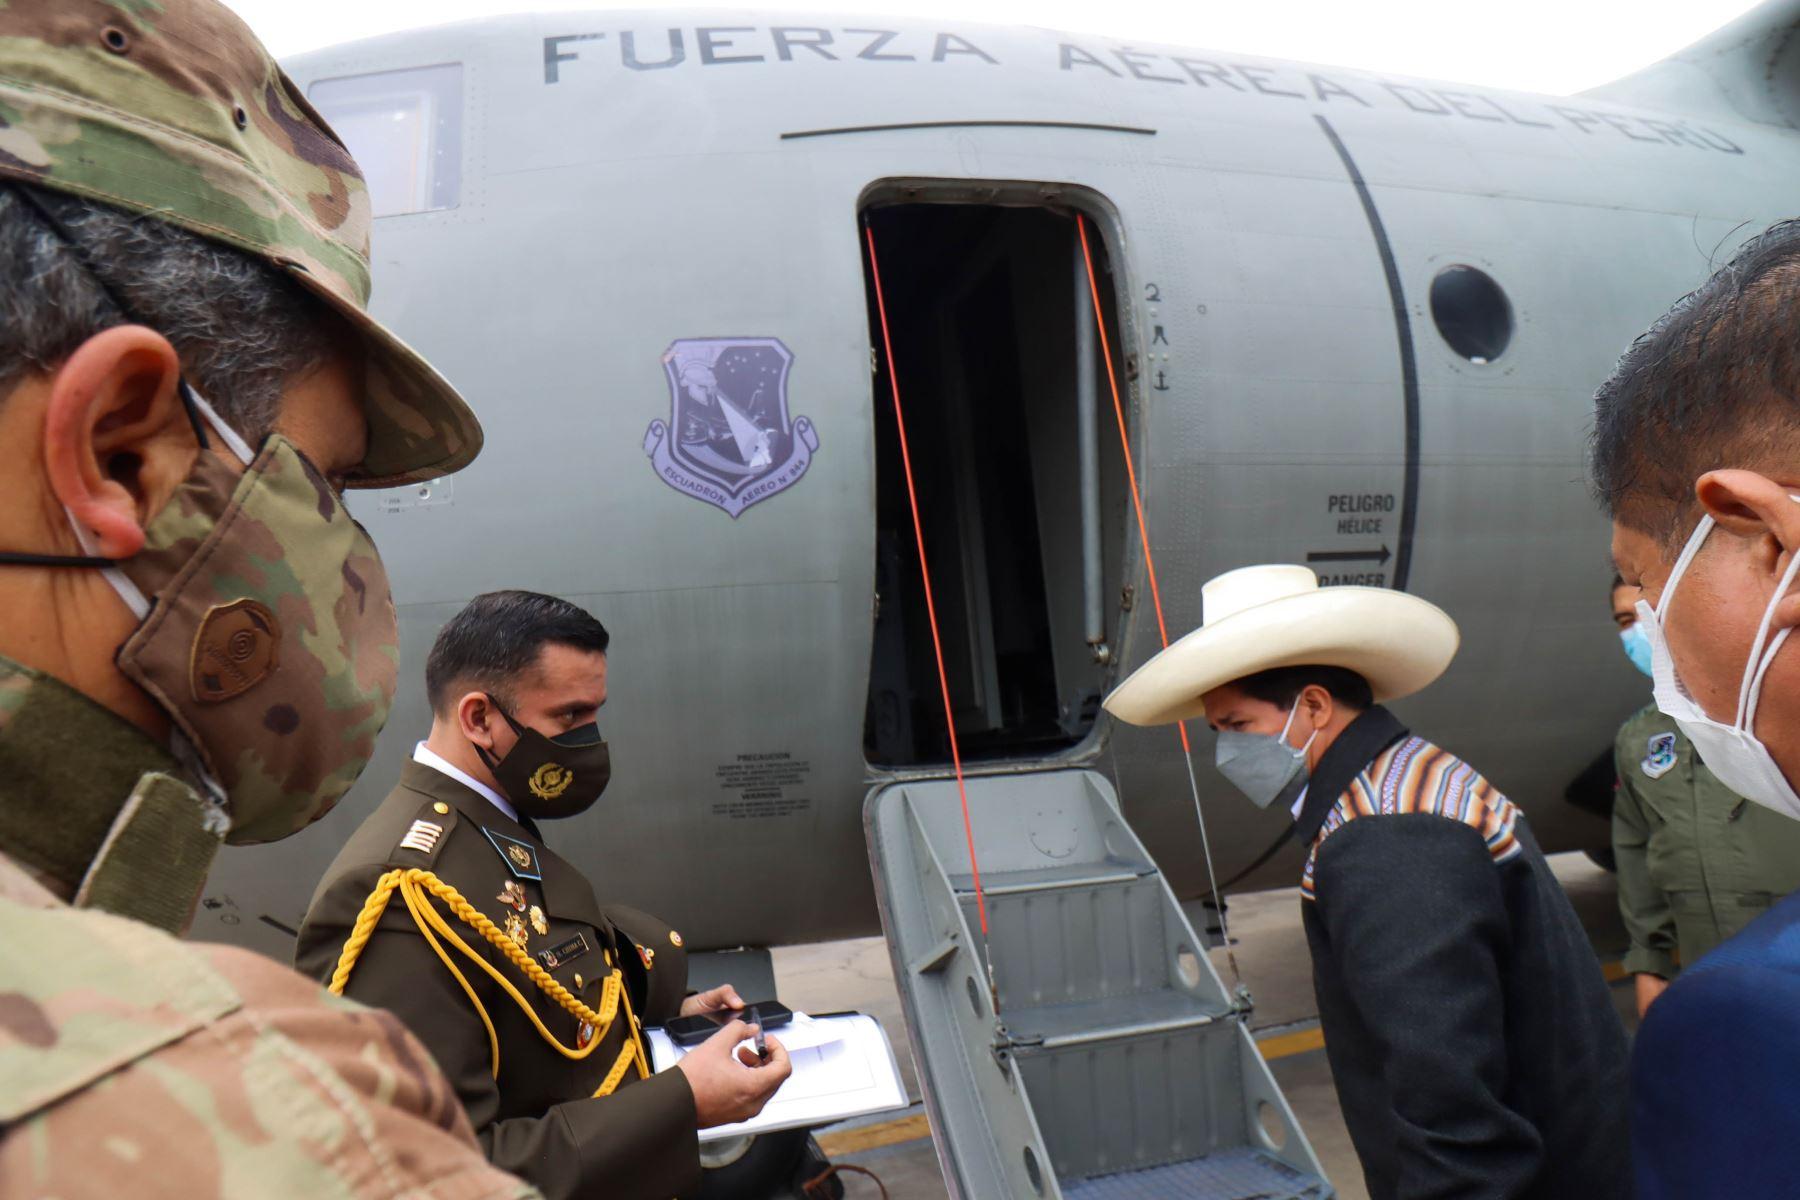 Presidente de la República, Pedro Castillo, viaja a Sullana para verificar daños por el sismo de 6.1 grados. Foto: ANDINA/ Prensa Presidencia